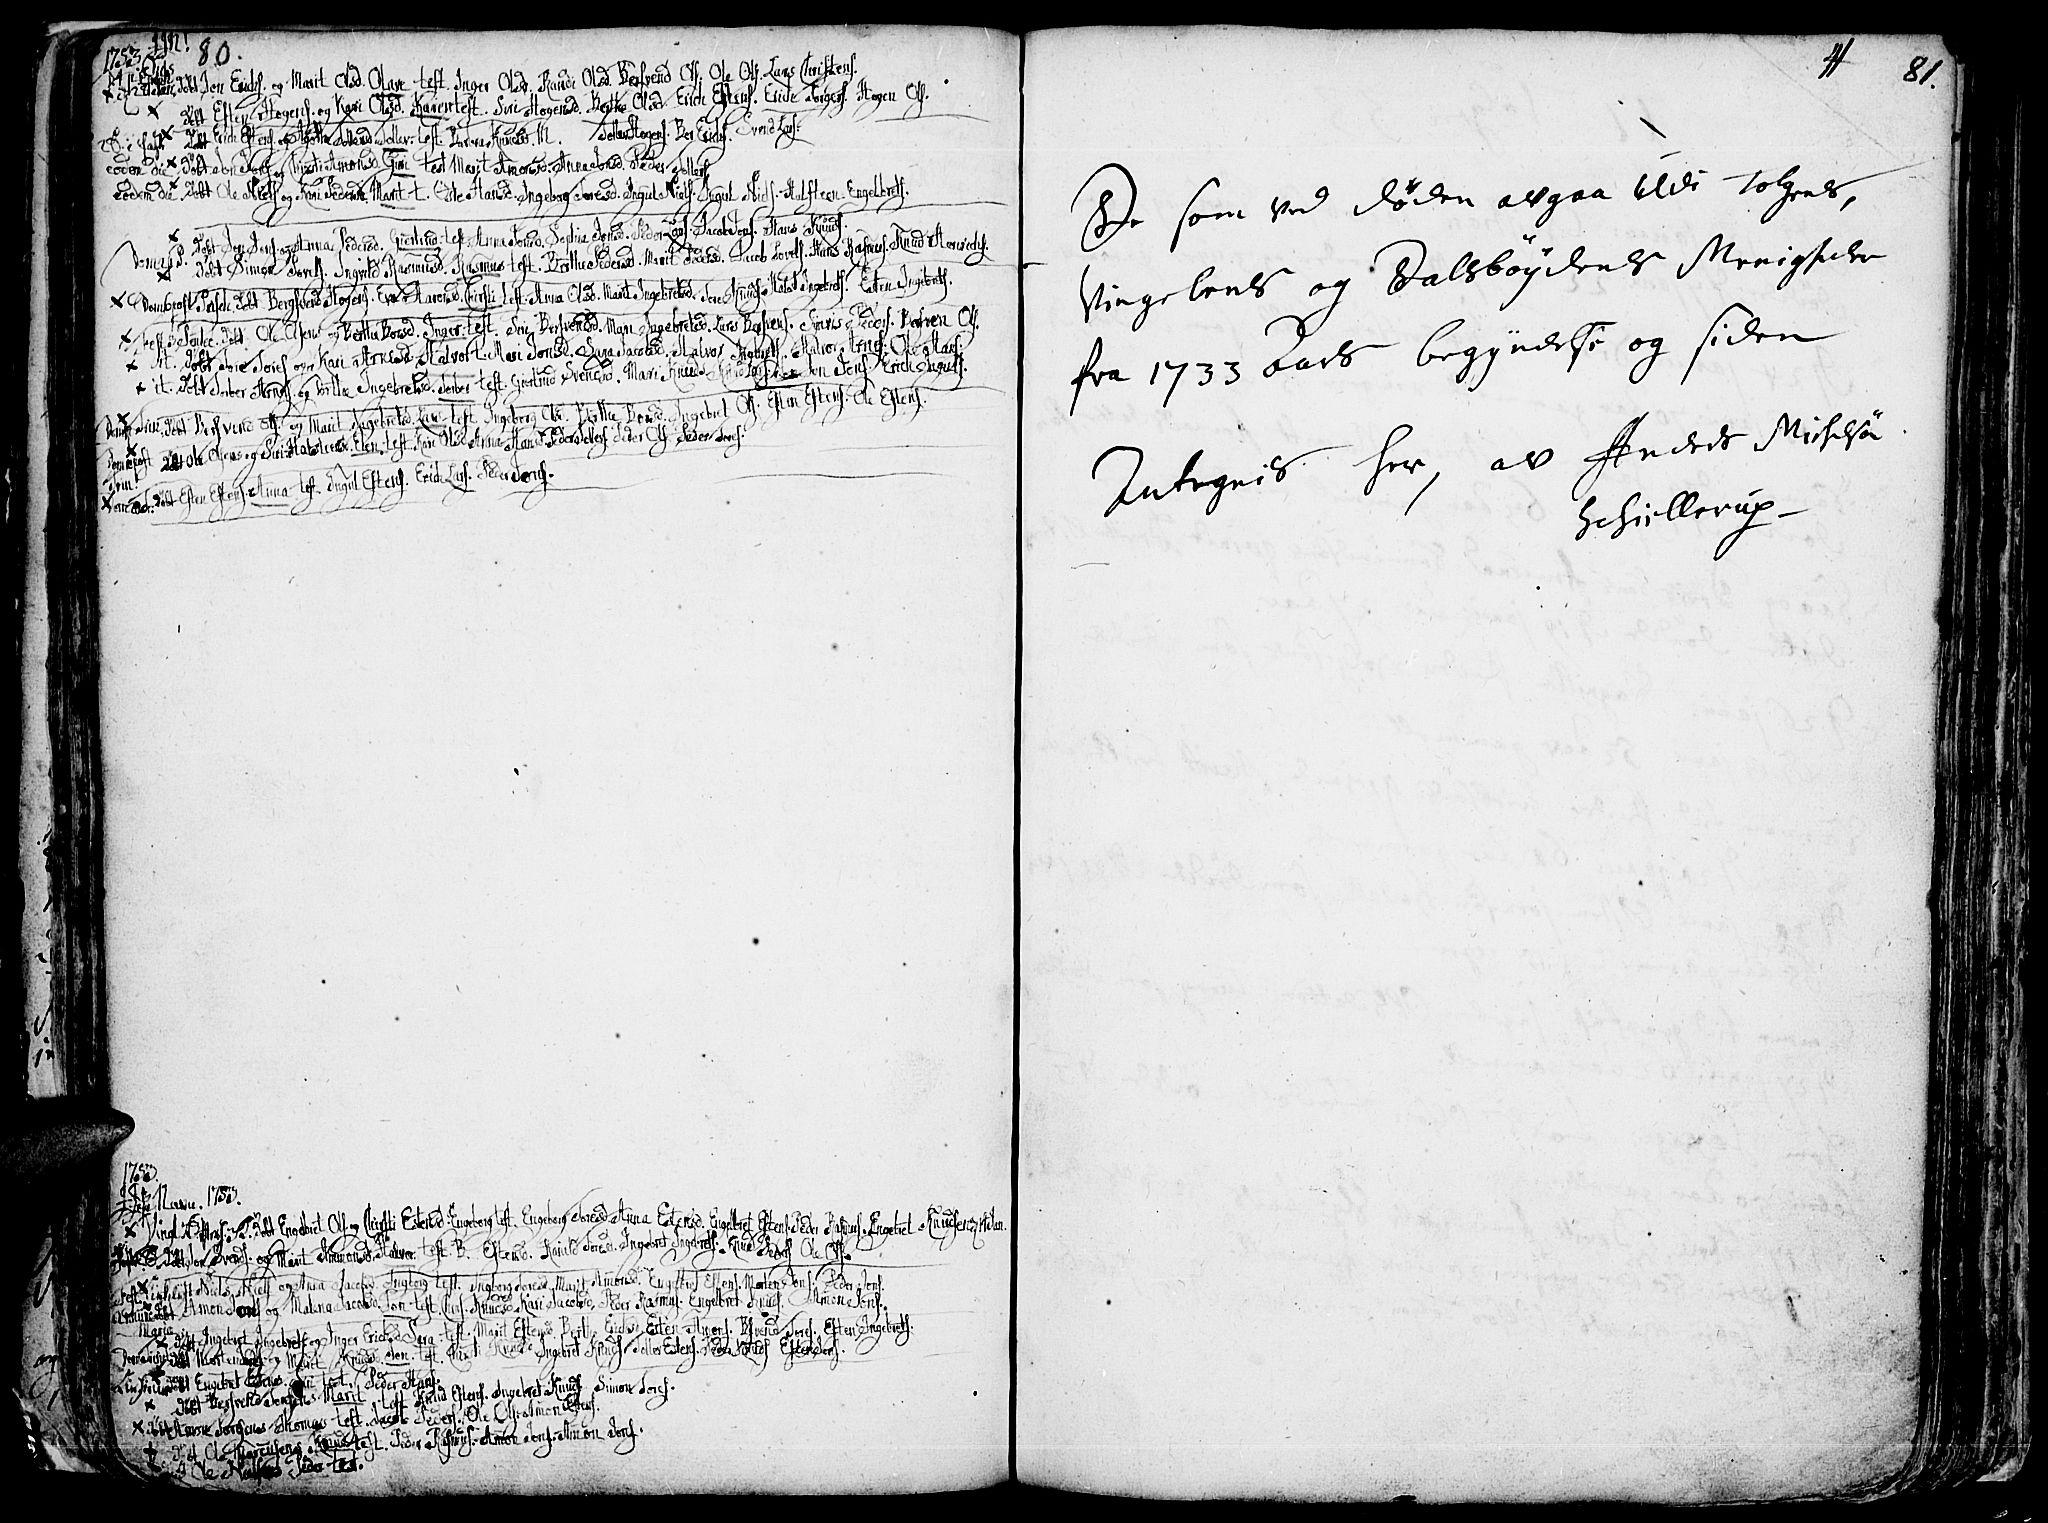 SAH, Tolga prestekontor, K/L0001: Ministerialbok nr. 1, 1733-1767, s. 80-81